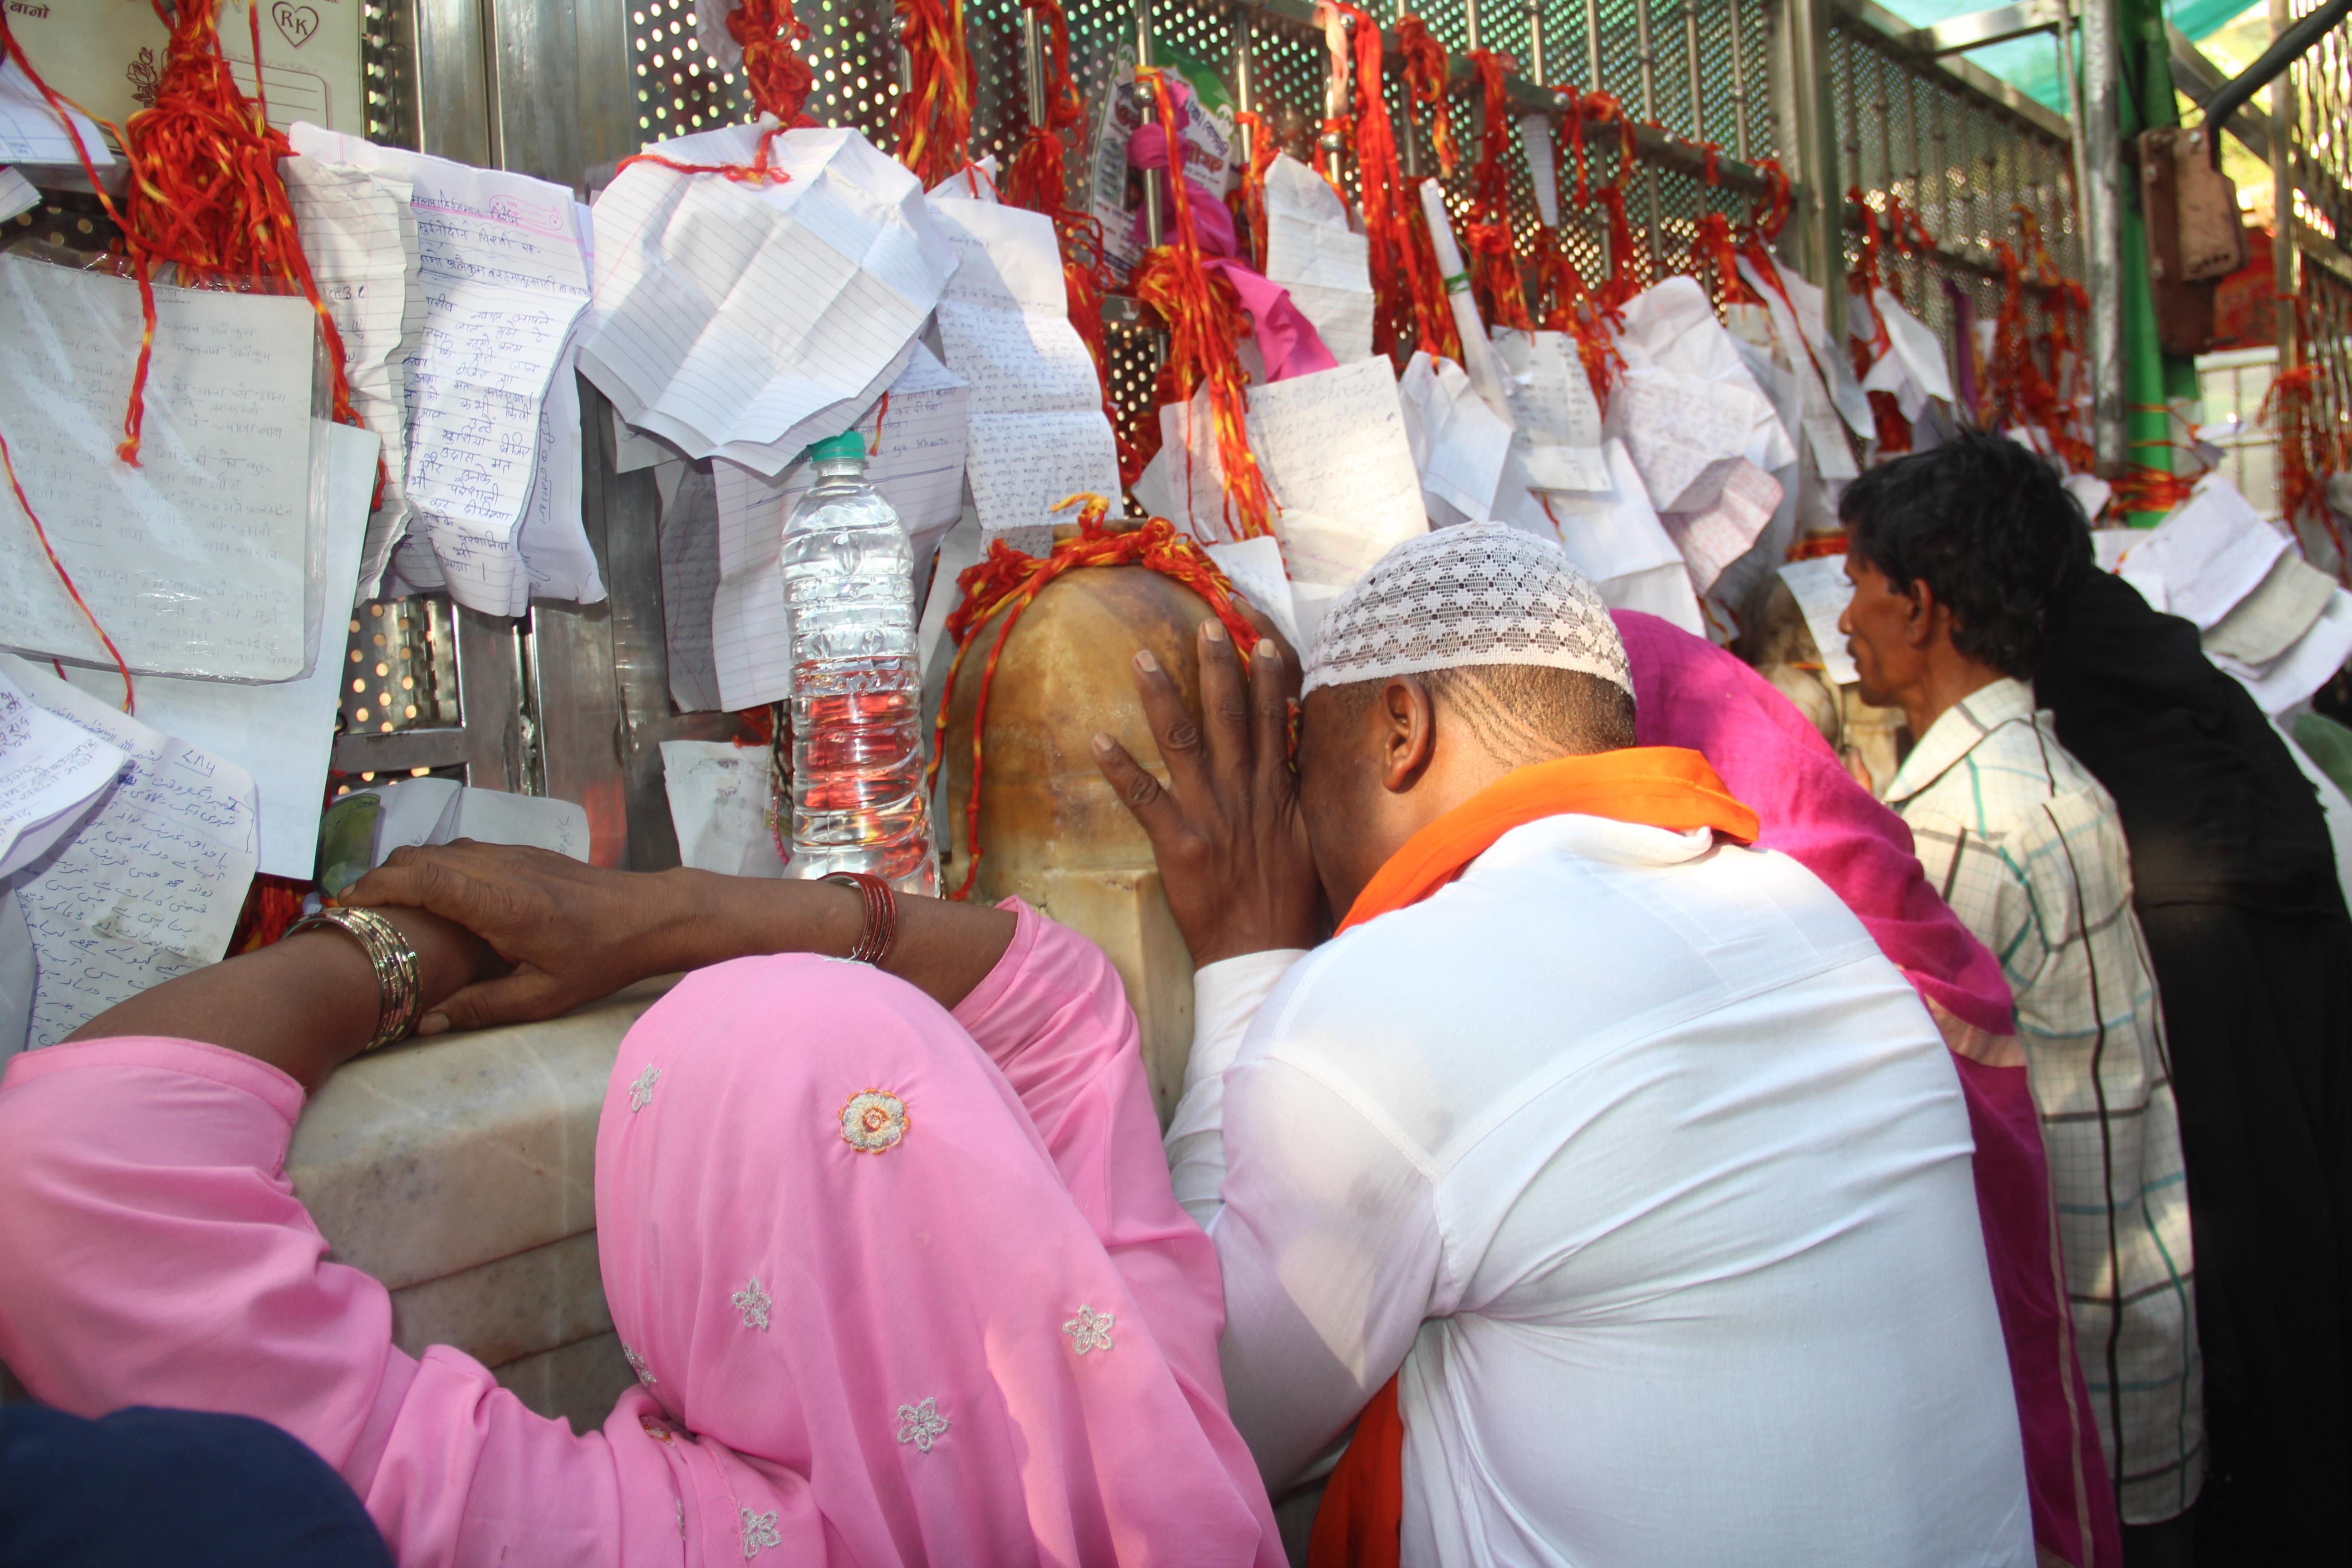 Ajmer Dargah: किया था 75 लाख का गबन, पुलिस ने लिया रिमांड पर